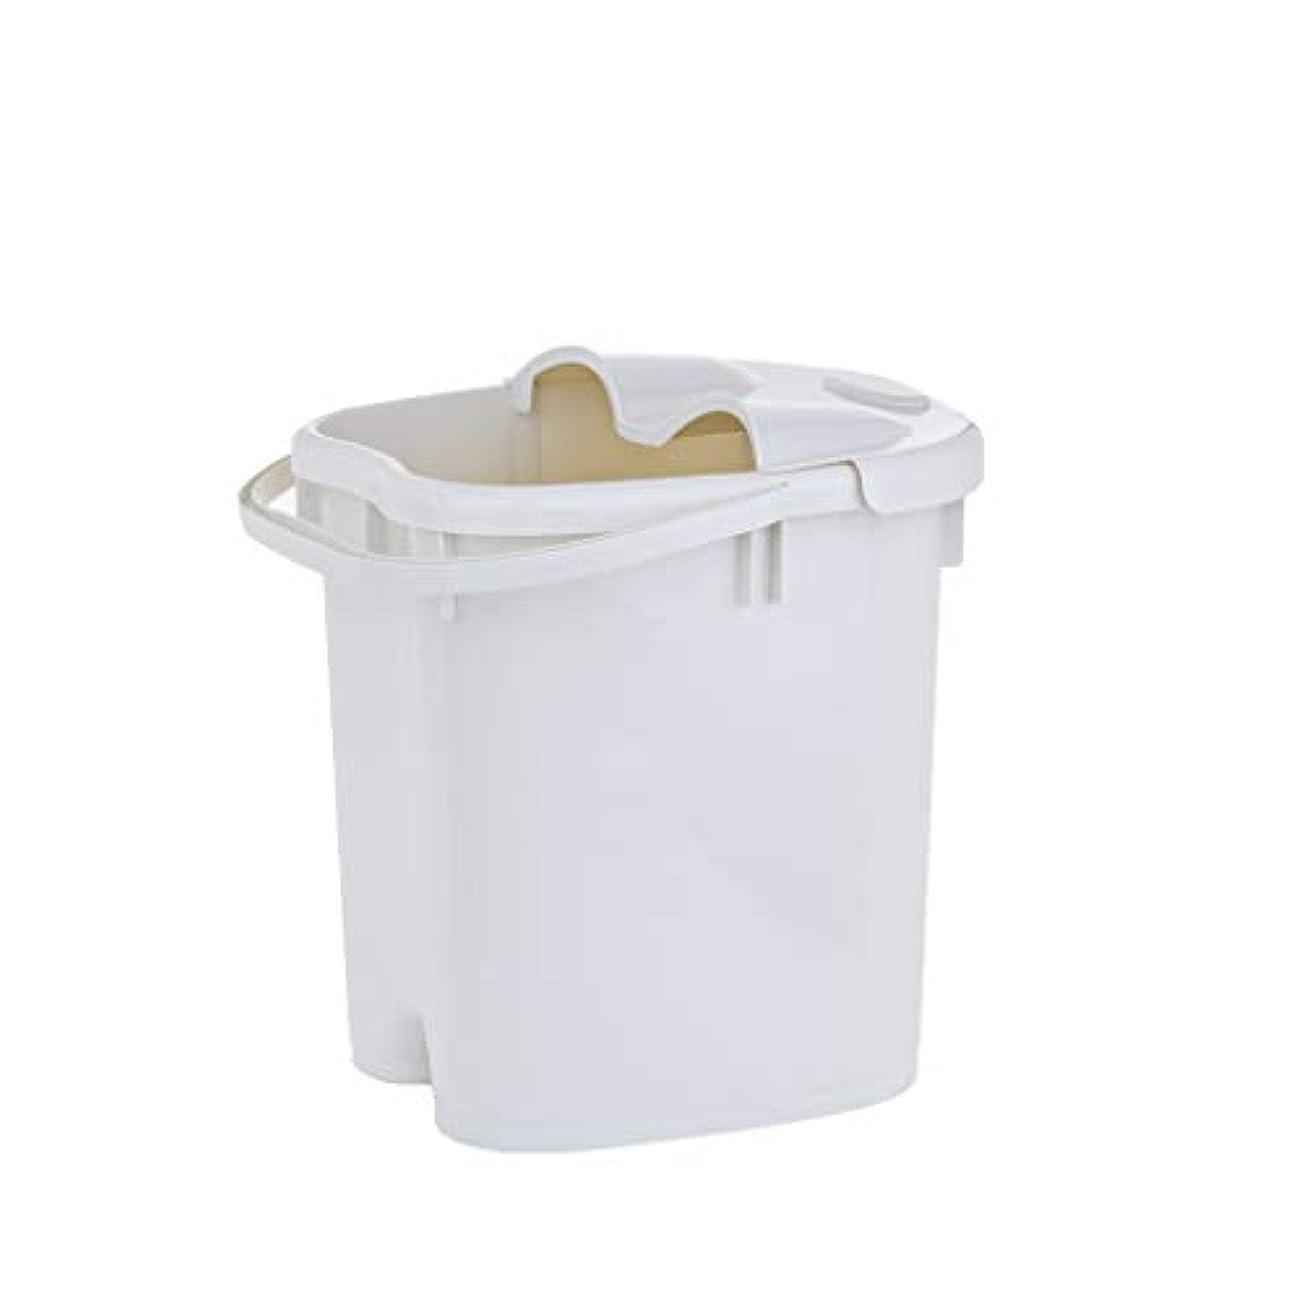 顕著スロットアリフットバスバレル- ?AMTシンプルな和風マッサージ浴槽ポータブル足湯バケツプラスチック付きふた保温足浴槽 Relax foot (色 : 白, サイズ さいず : 39cm high)